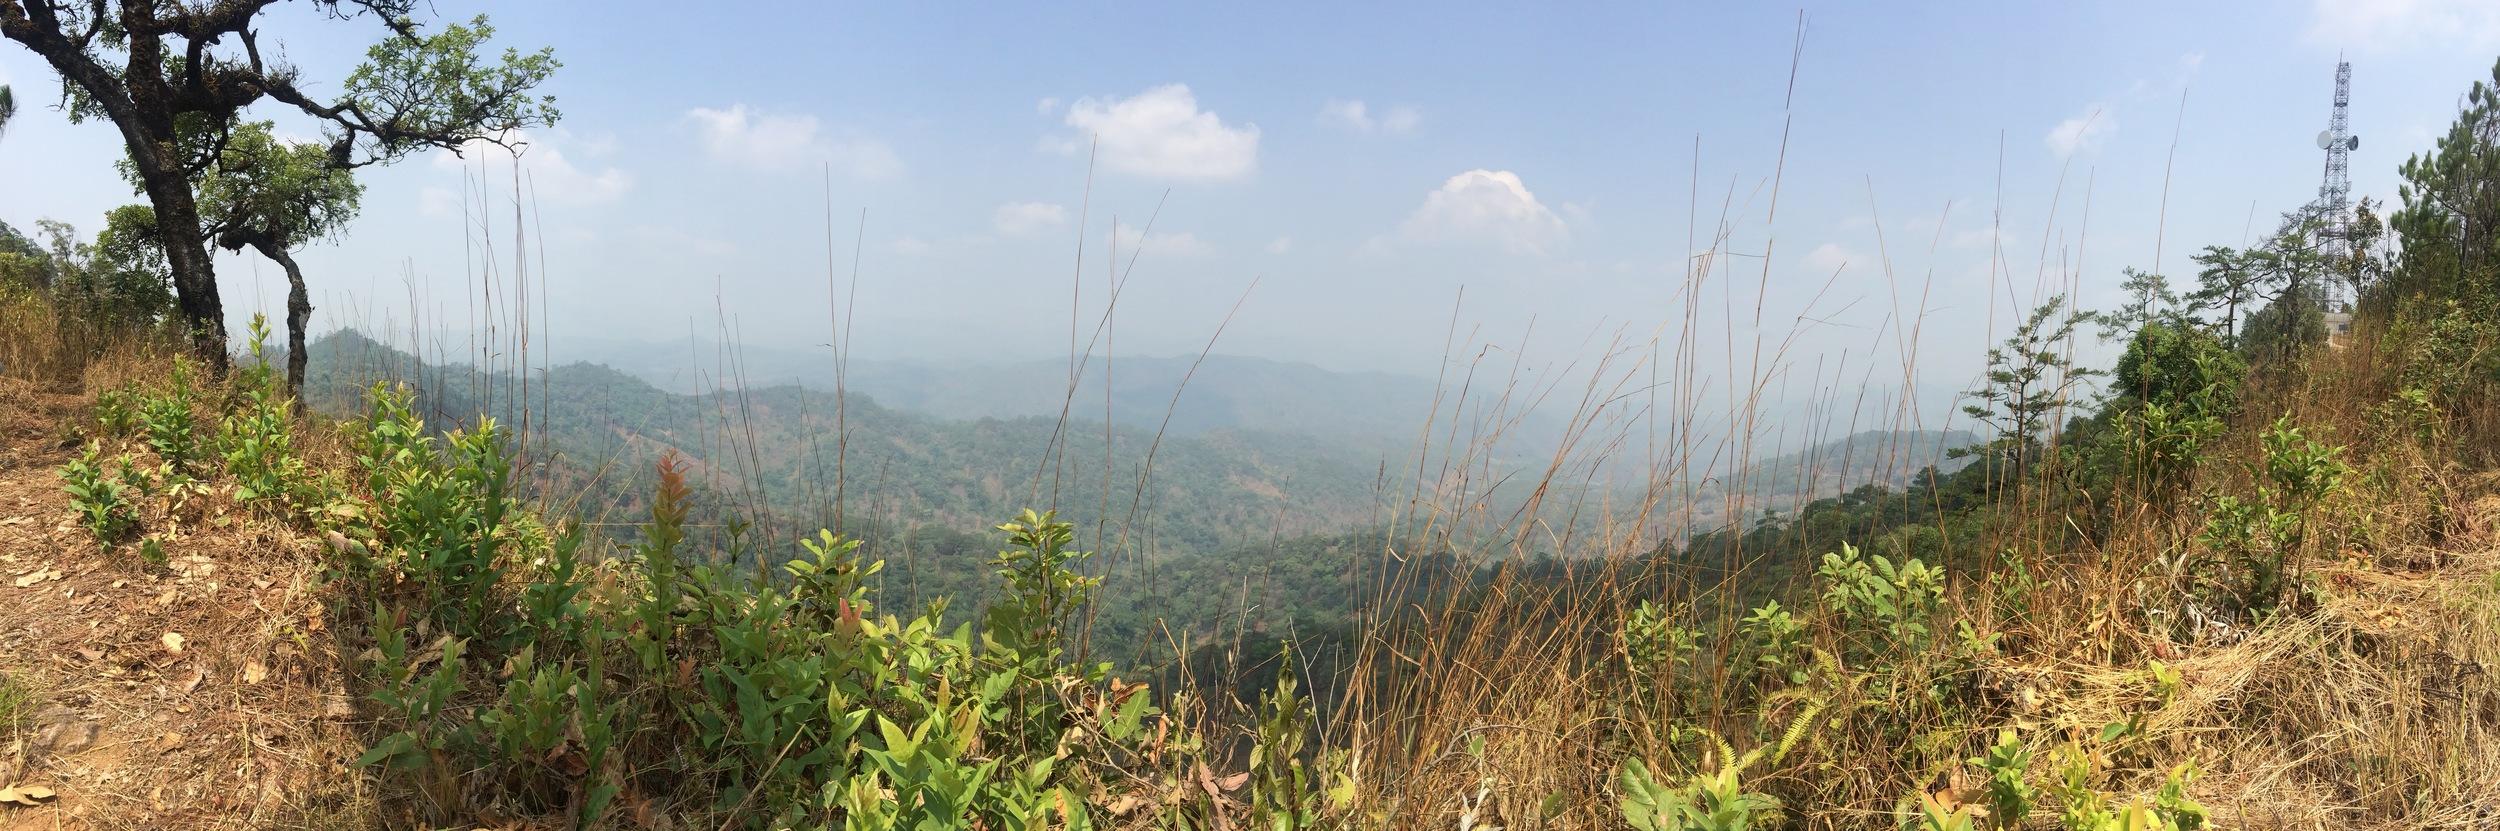 Somewhere in Mae Hong Son